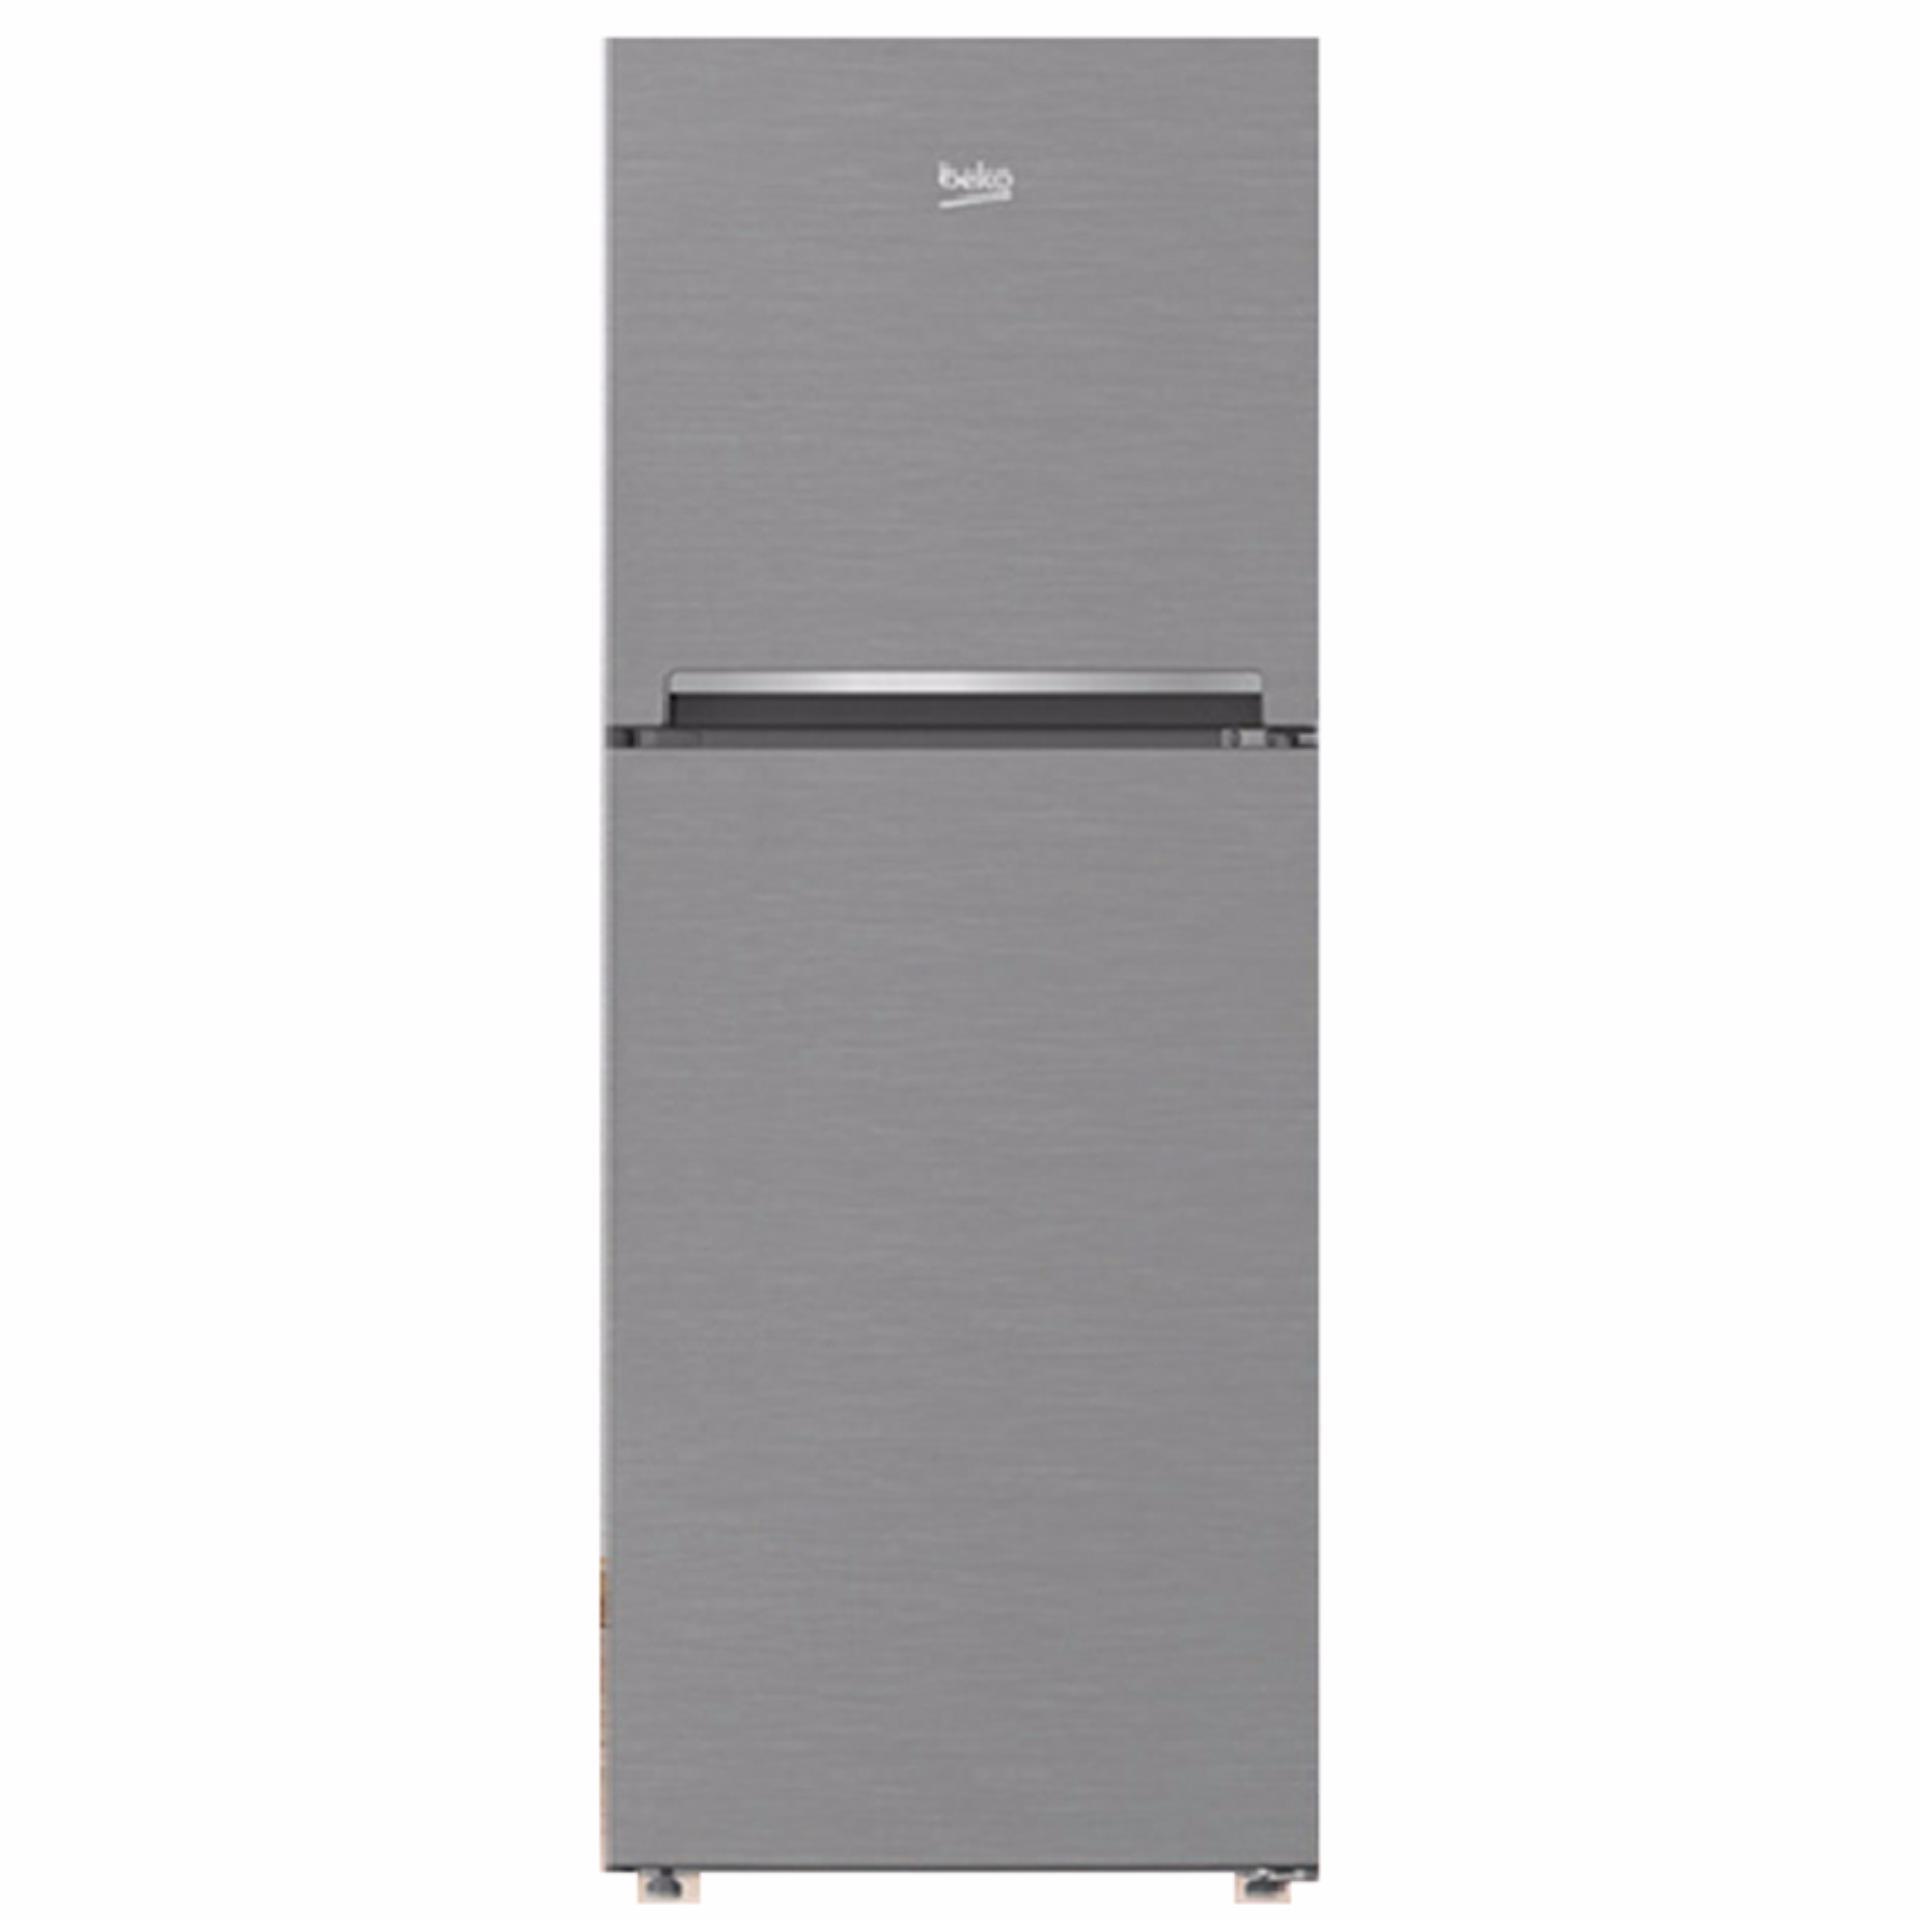 Tủ lạnh Beko Inverter 250 lít RDNT250I50VZX